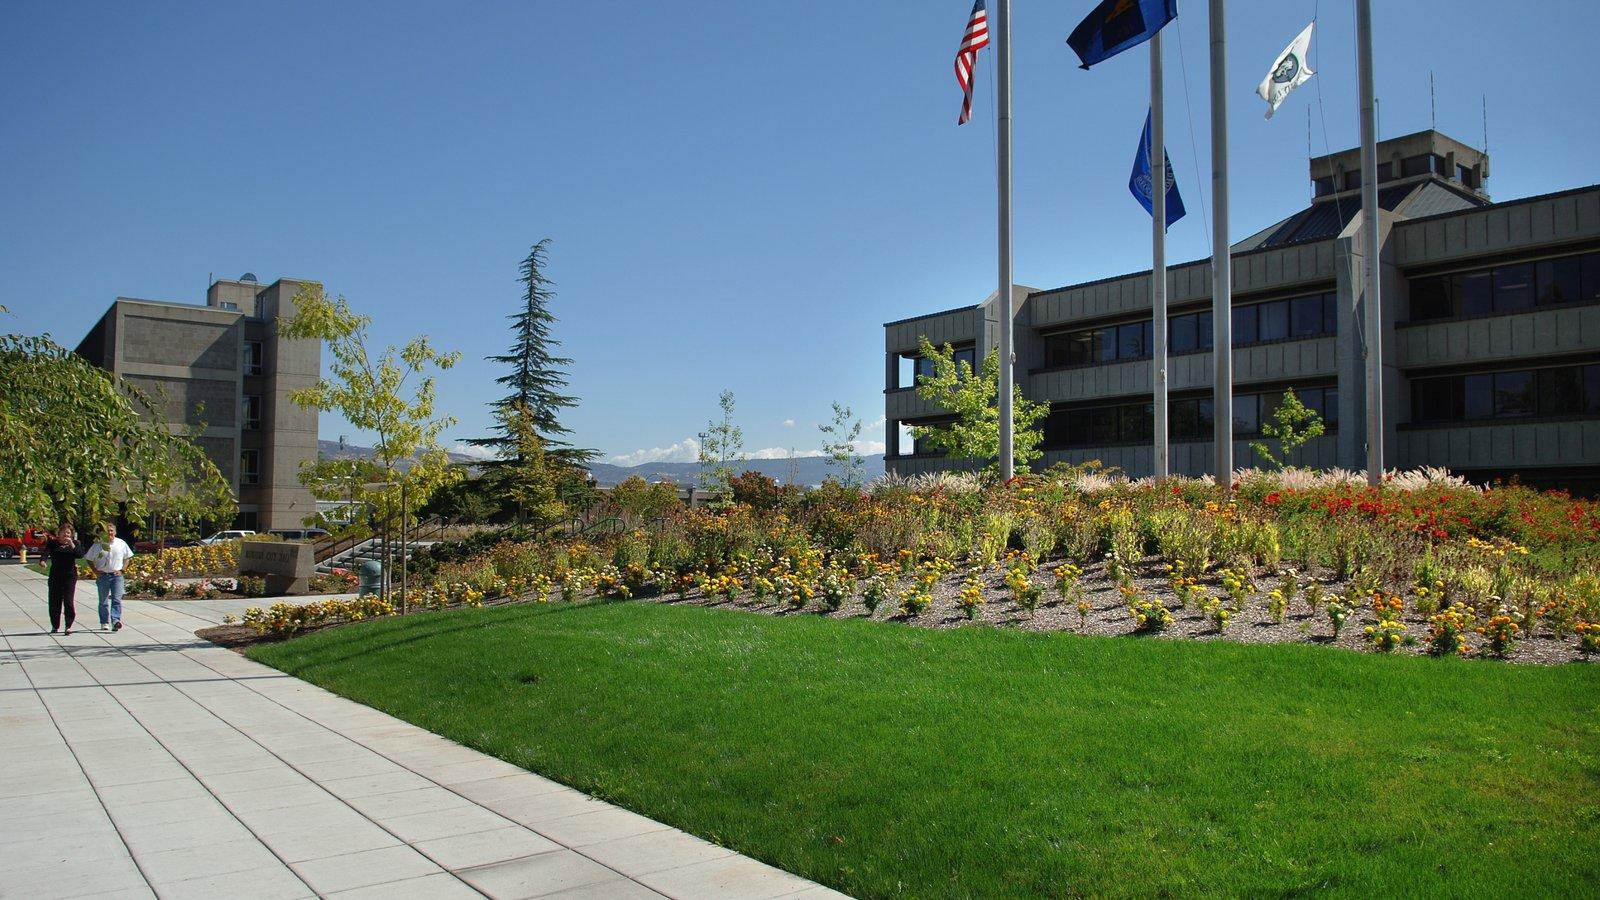 Medford mostrando un jardín y un edificio administrativo